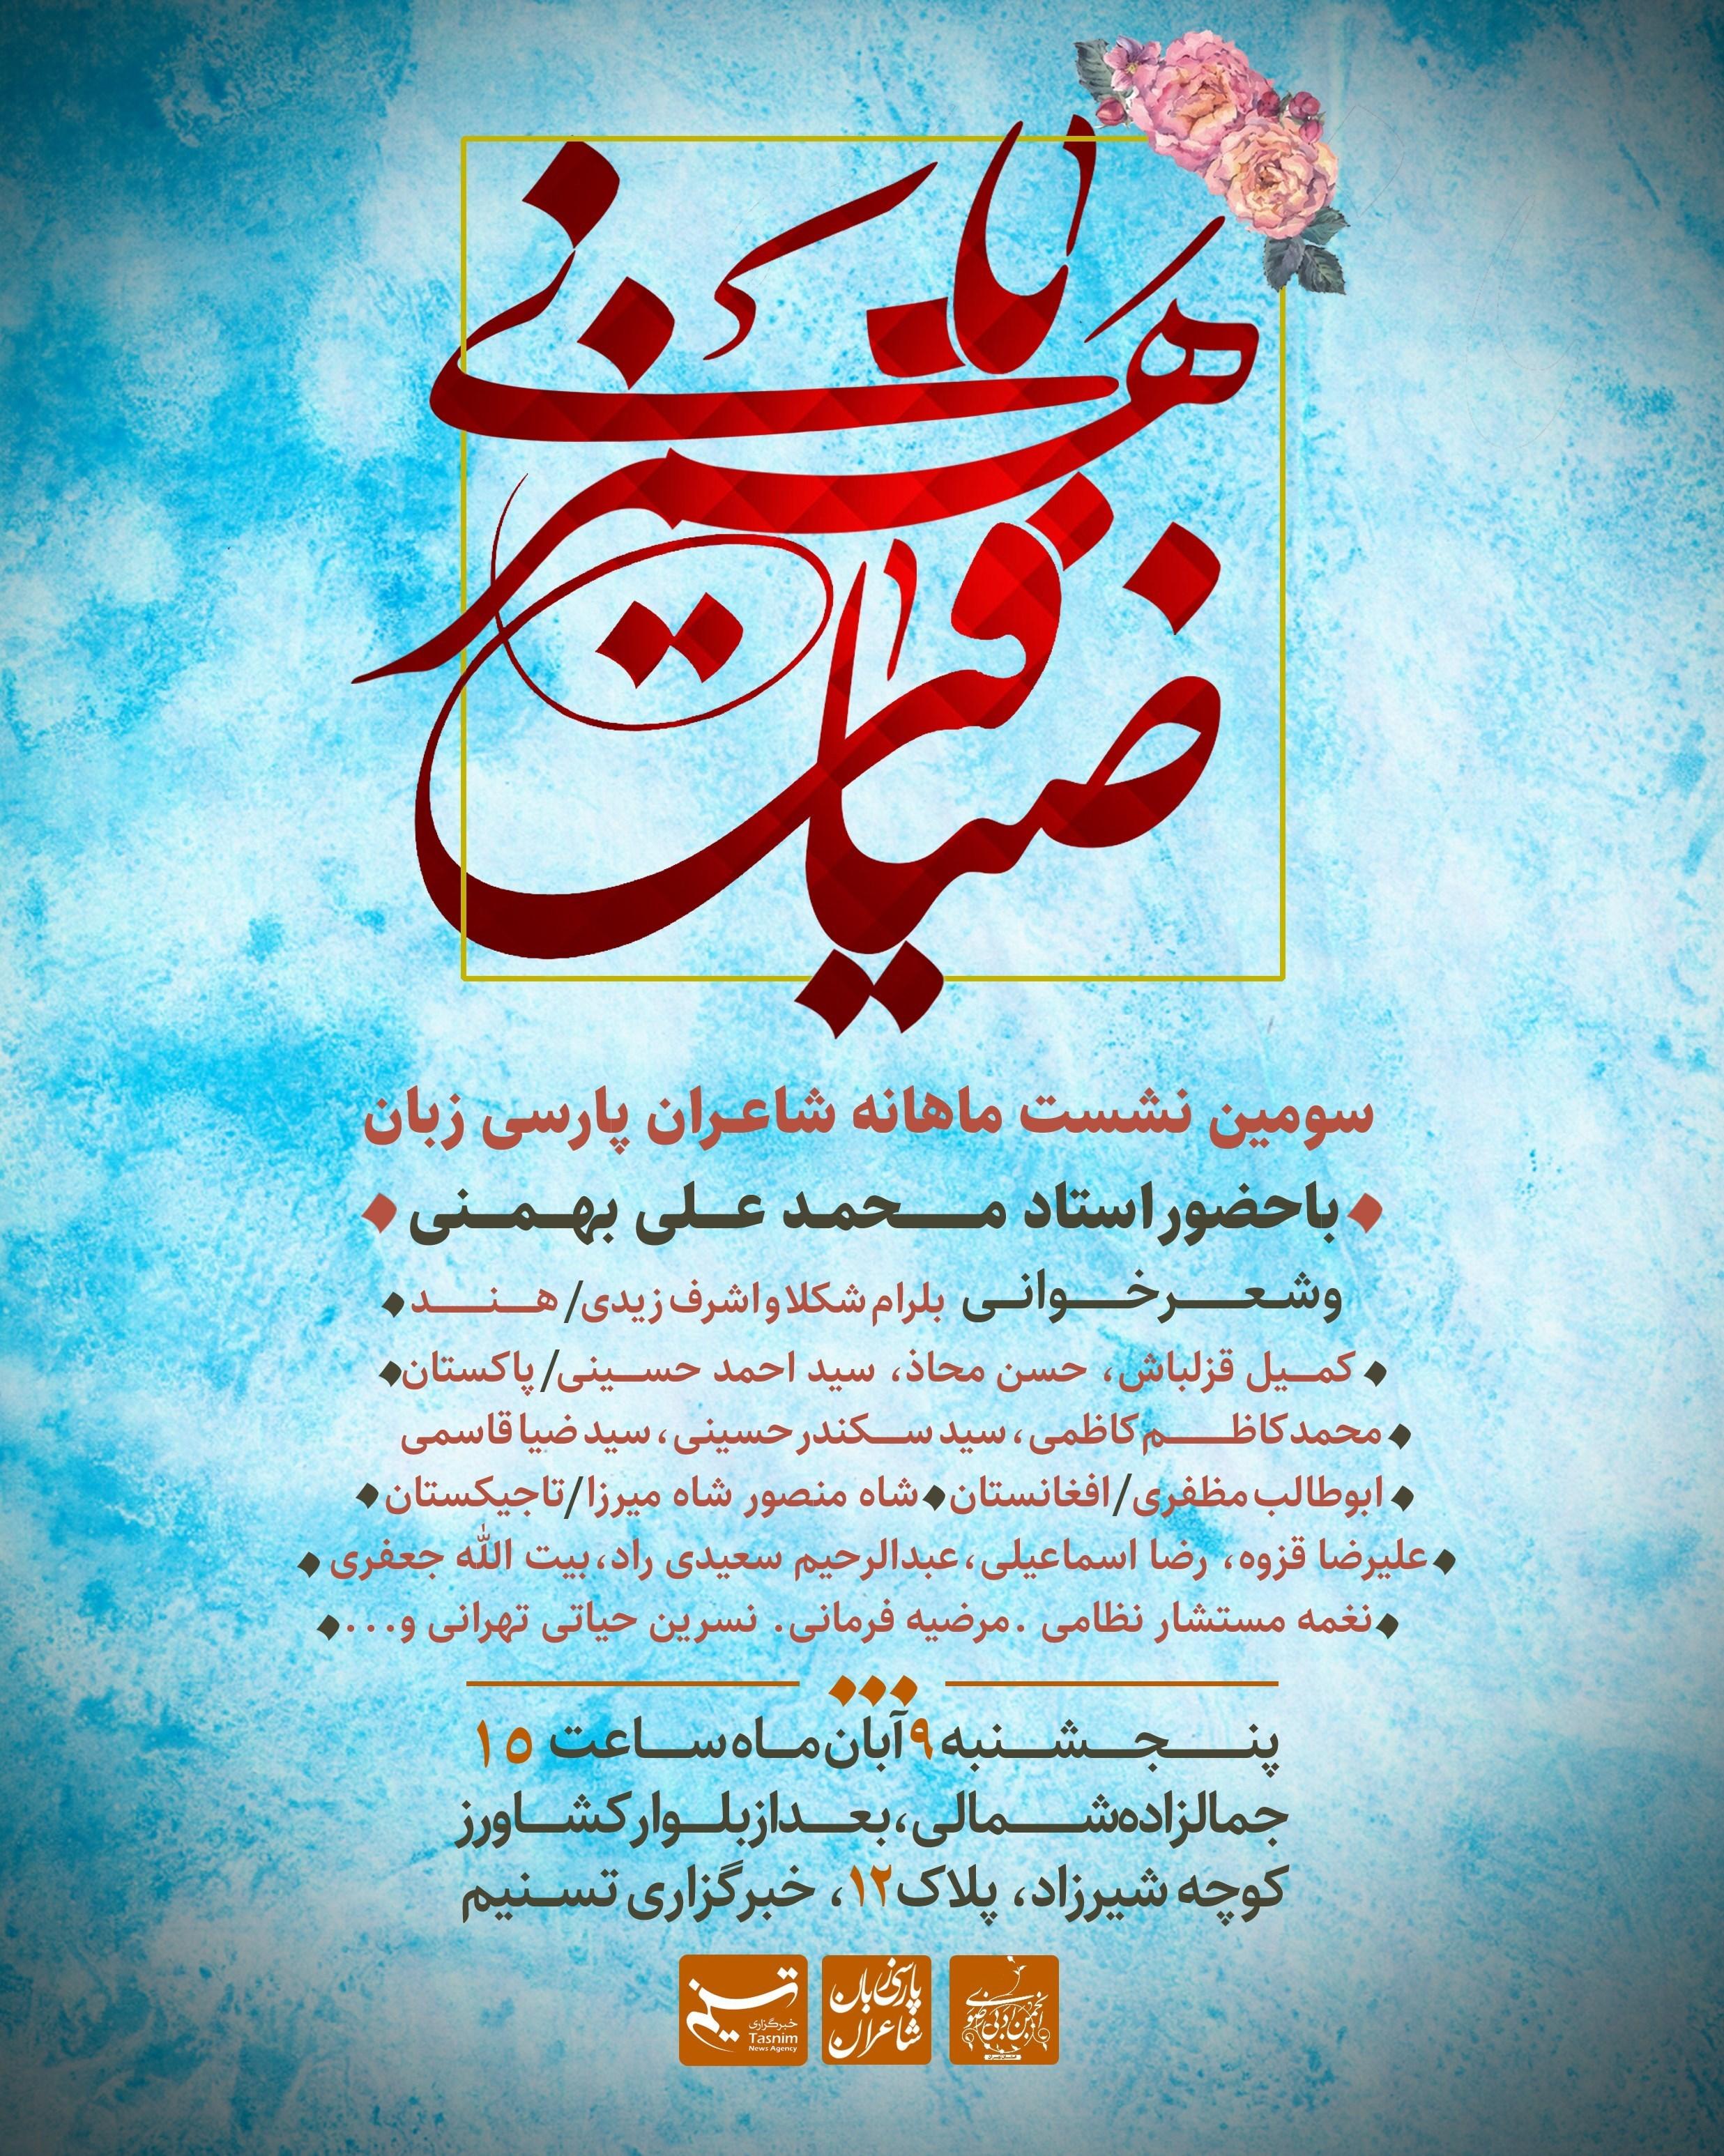 شعر آیینی , ادبیات انقلاب اسلامی , علیرضا قزوه ,